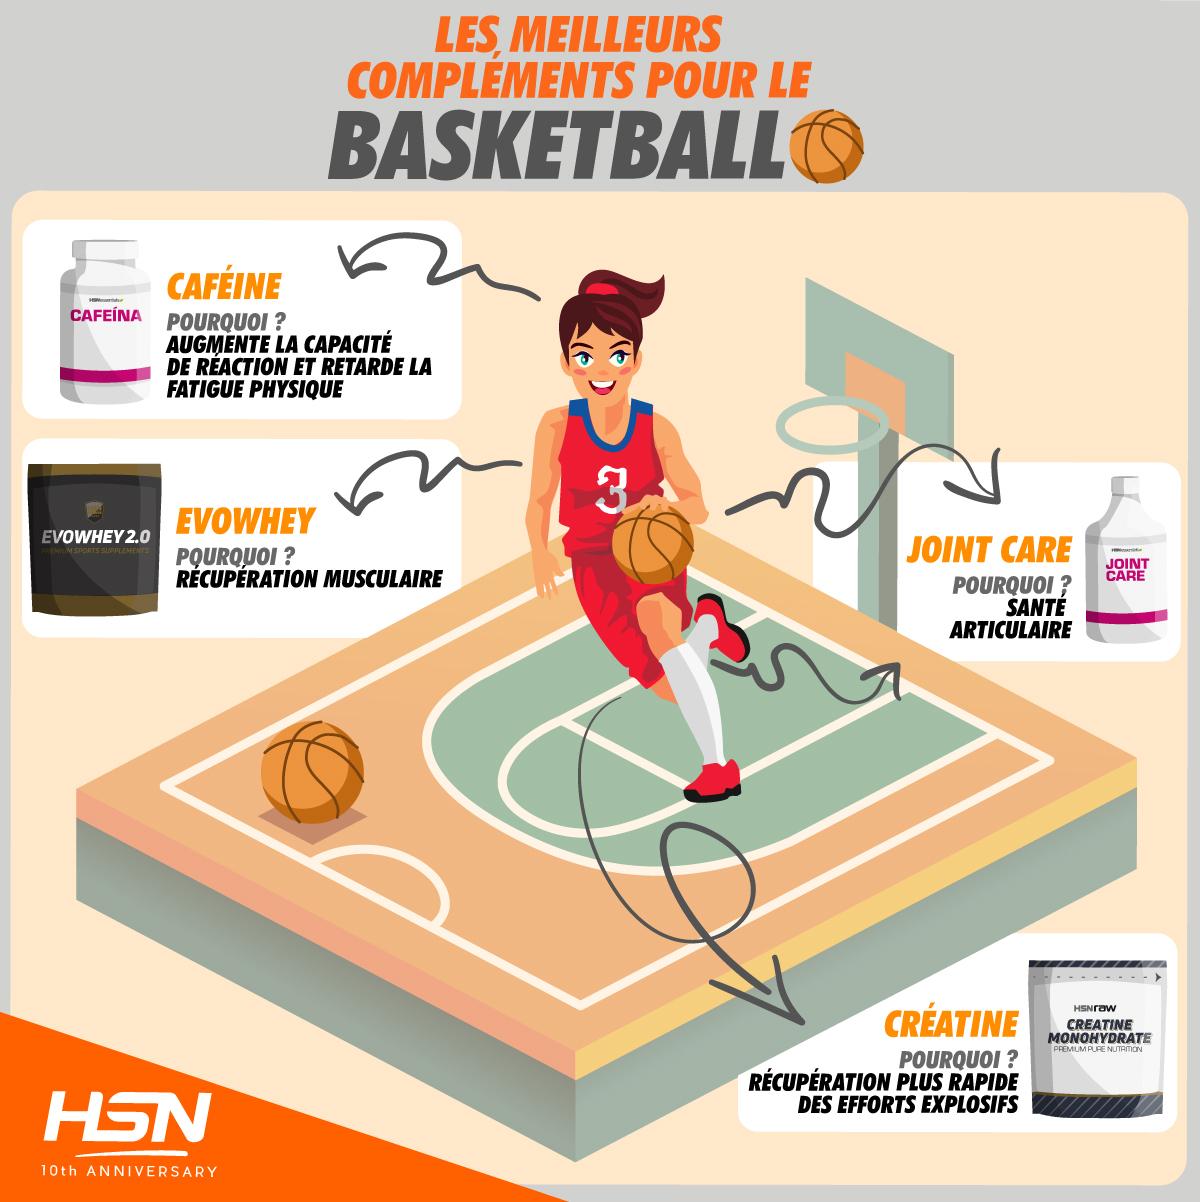 Compléments pour le basket